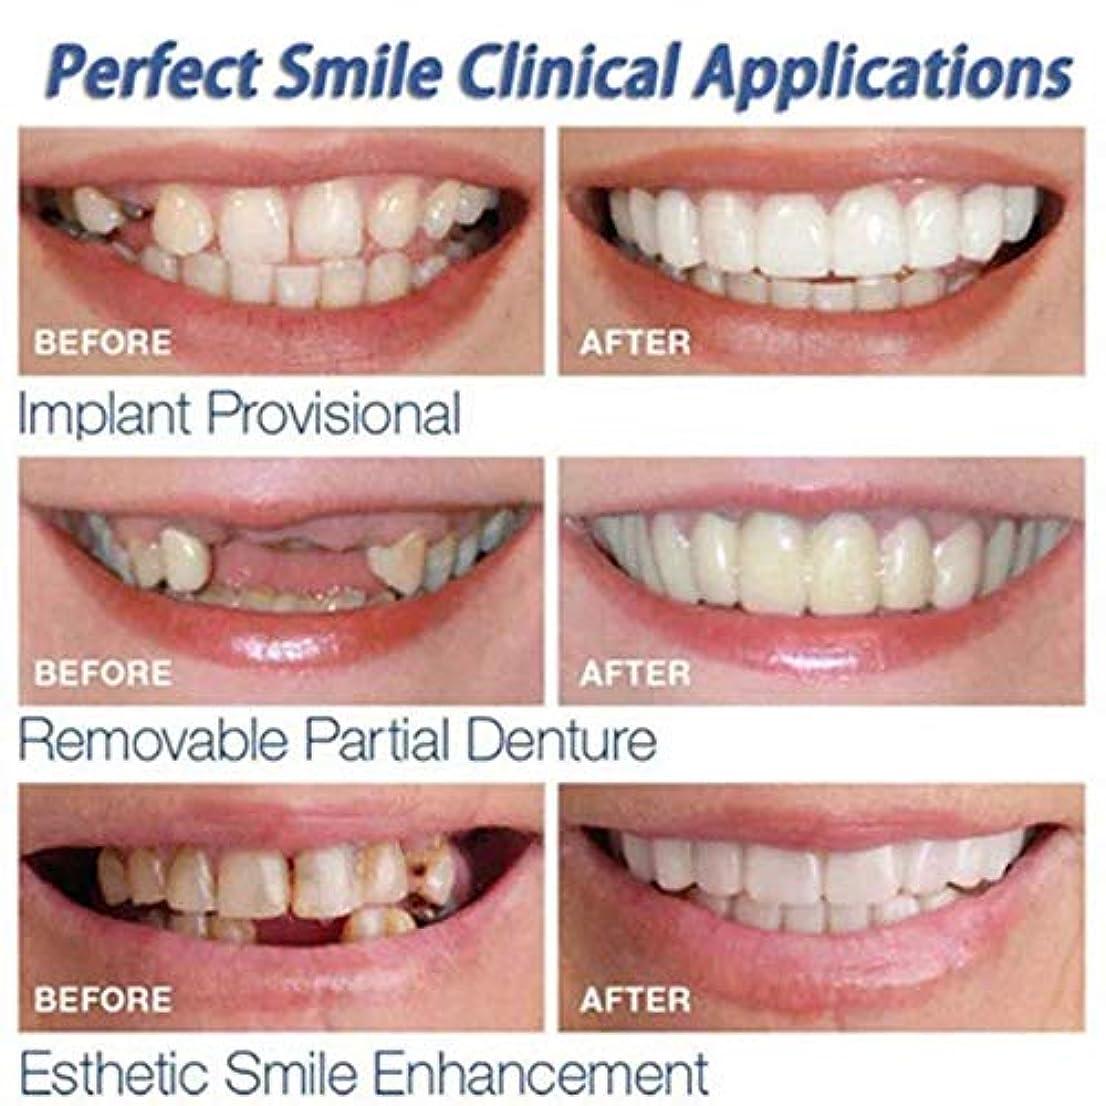 極端なバラエティリズム3PCS上下歯シミュレーションブレース、第2世代シリコーン模擬歯、(プラスチックボックス、OPPバッグ付き),Opppackaging